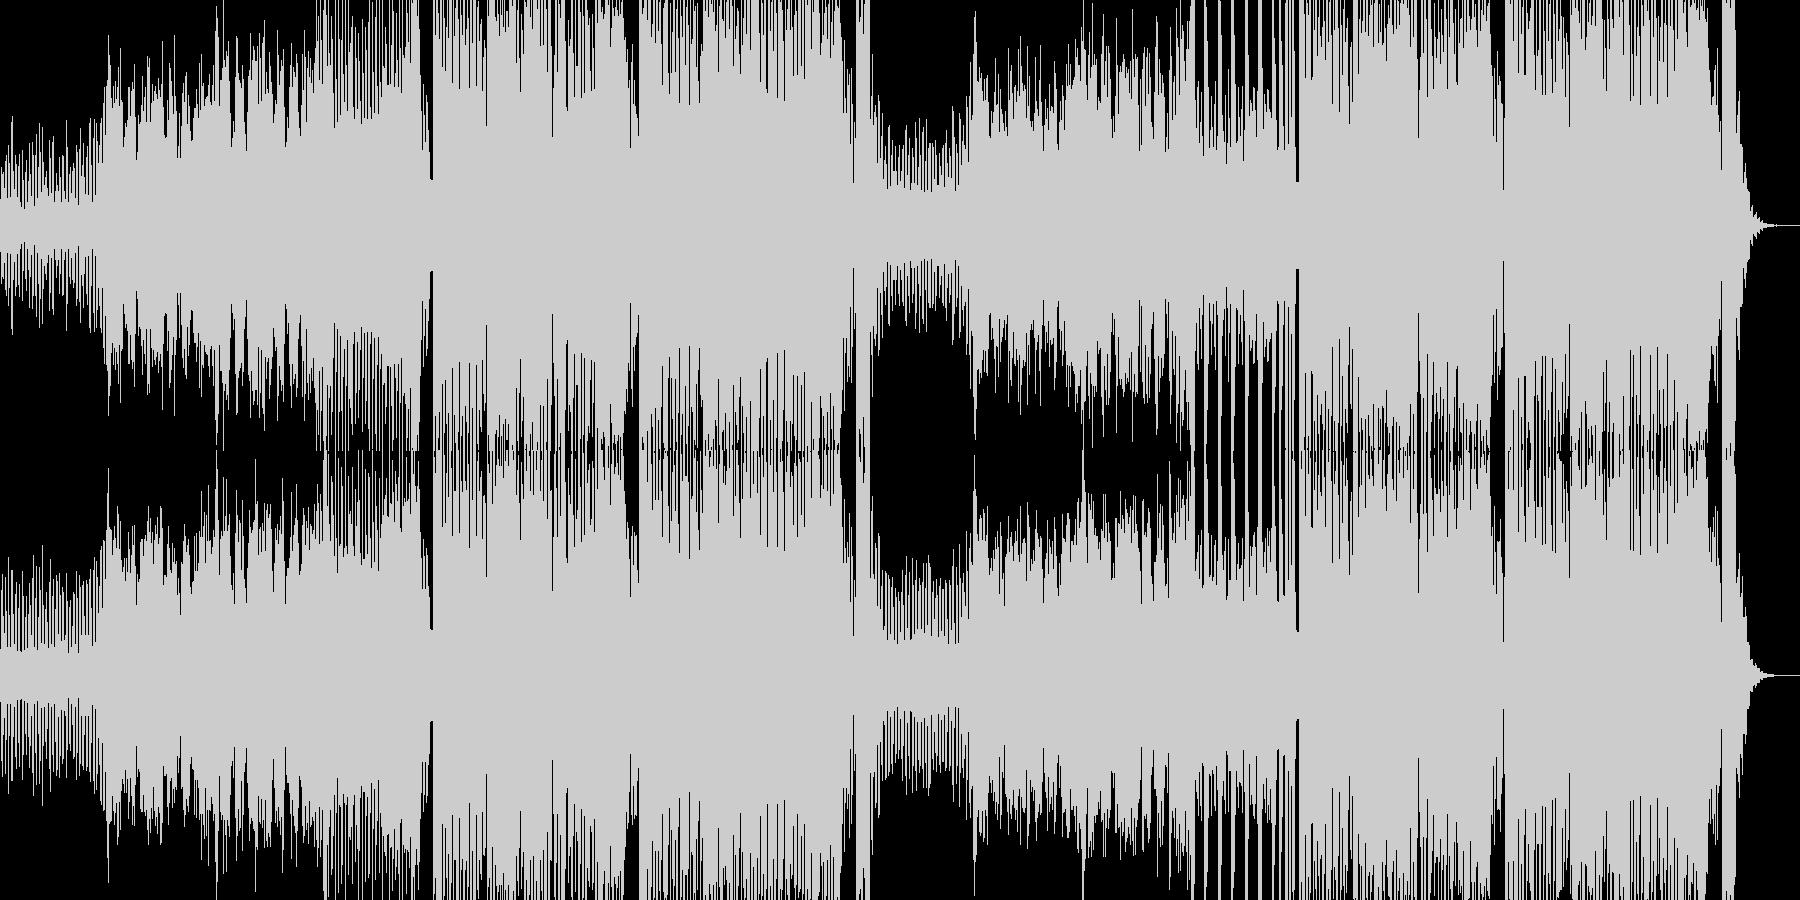 ストレートなEDM & ダブステップの未再生の波形